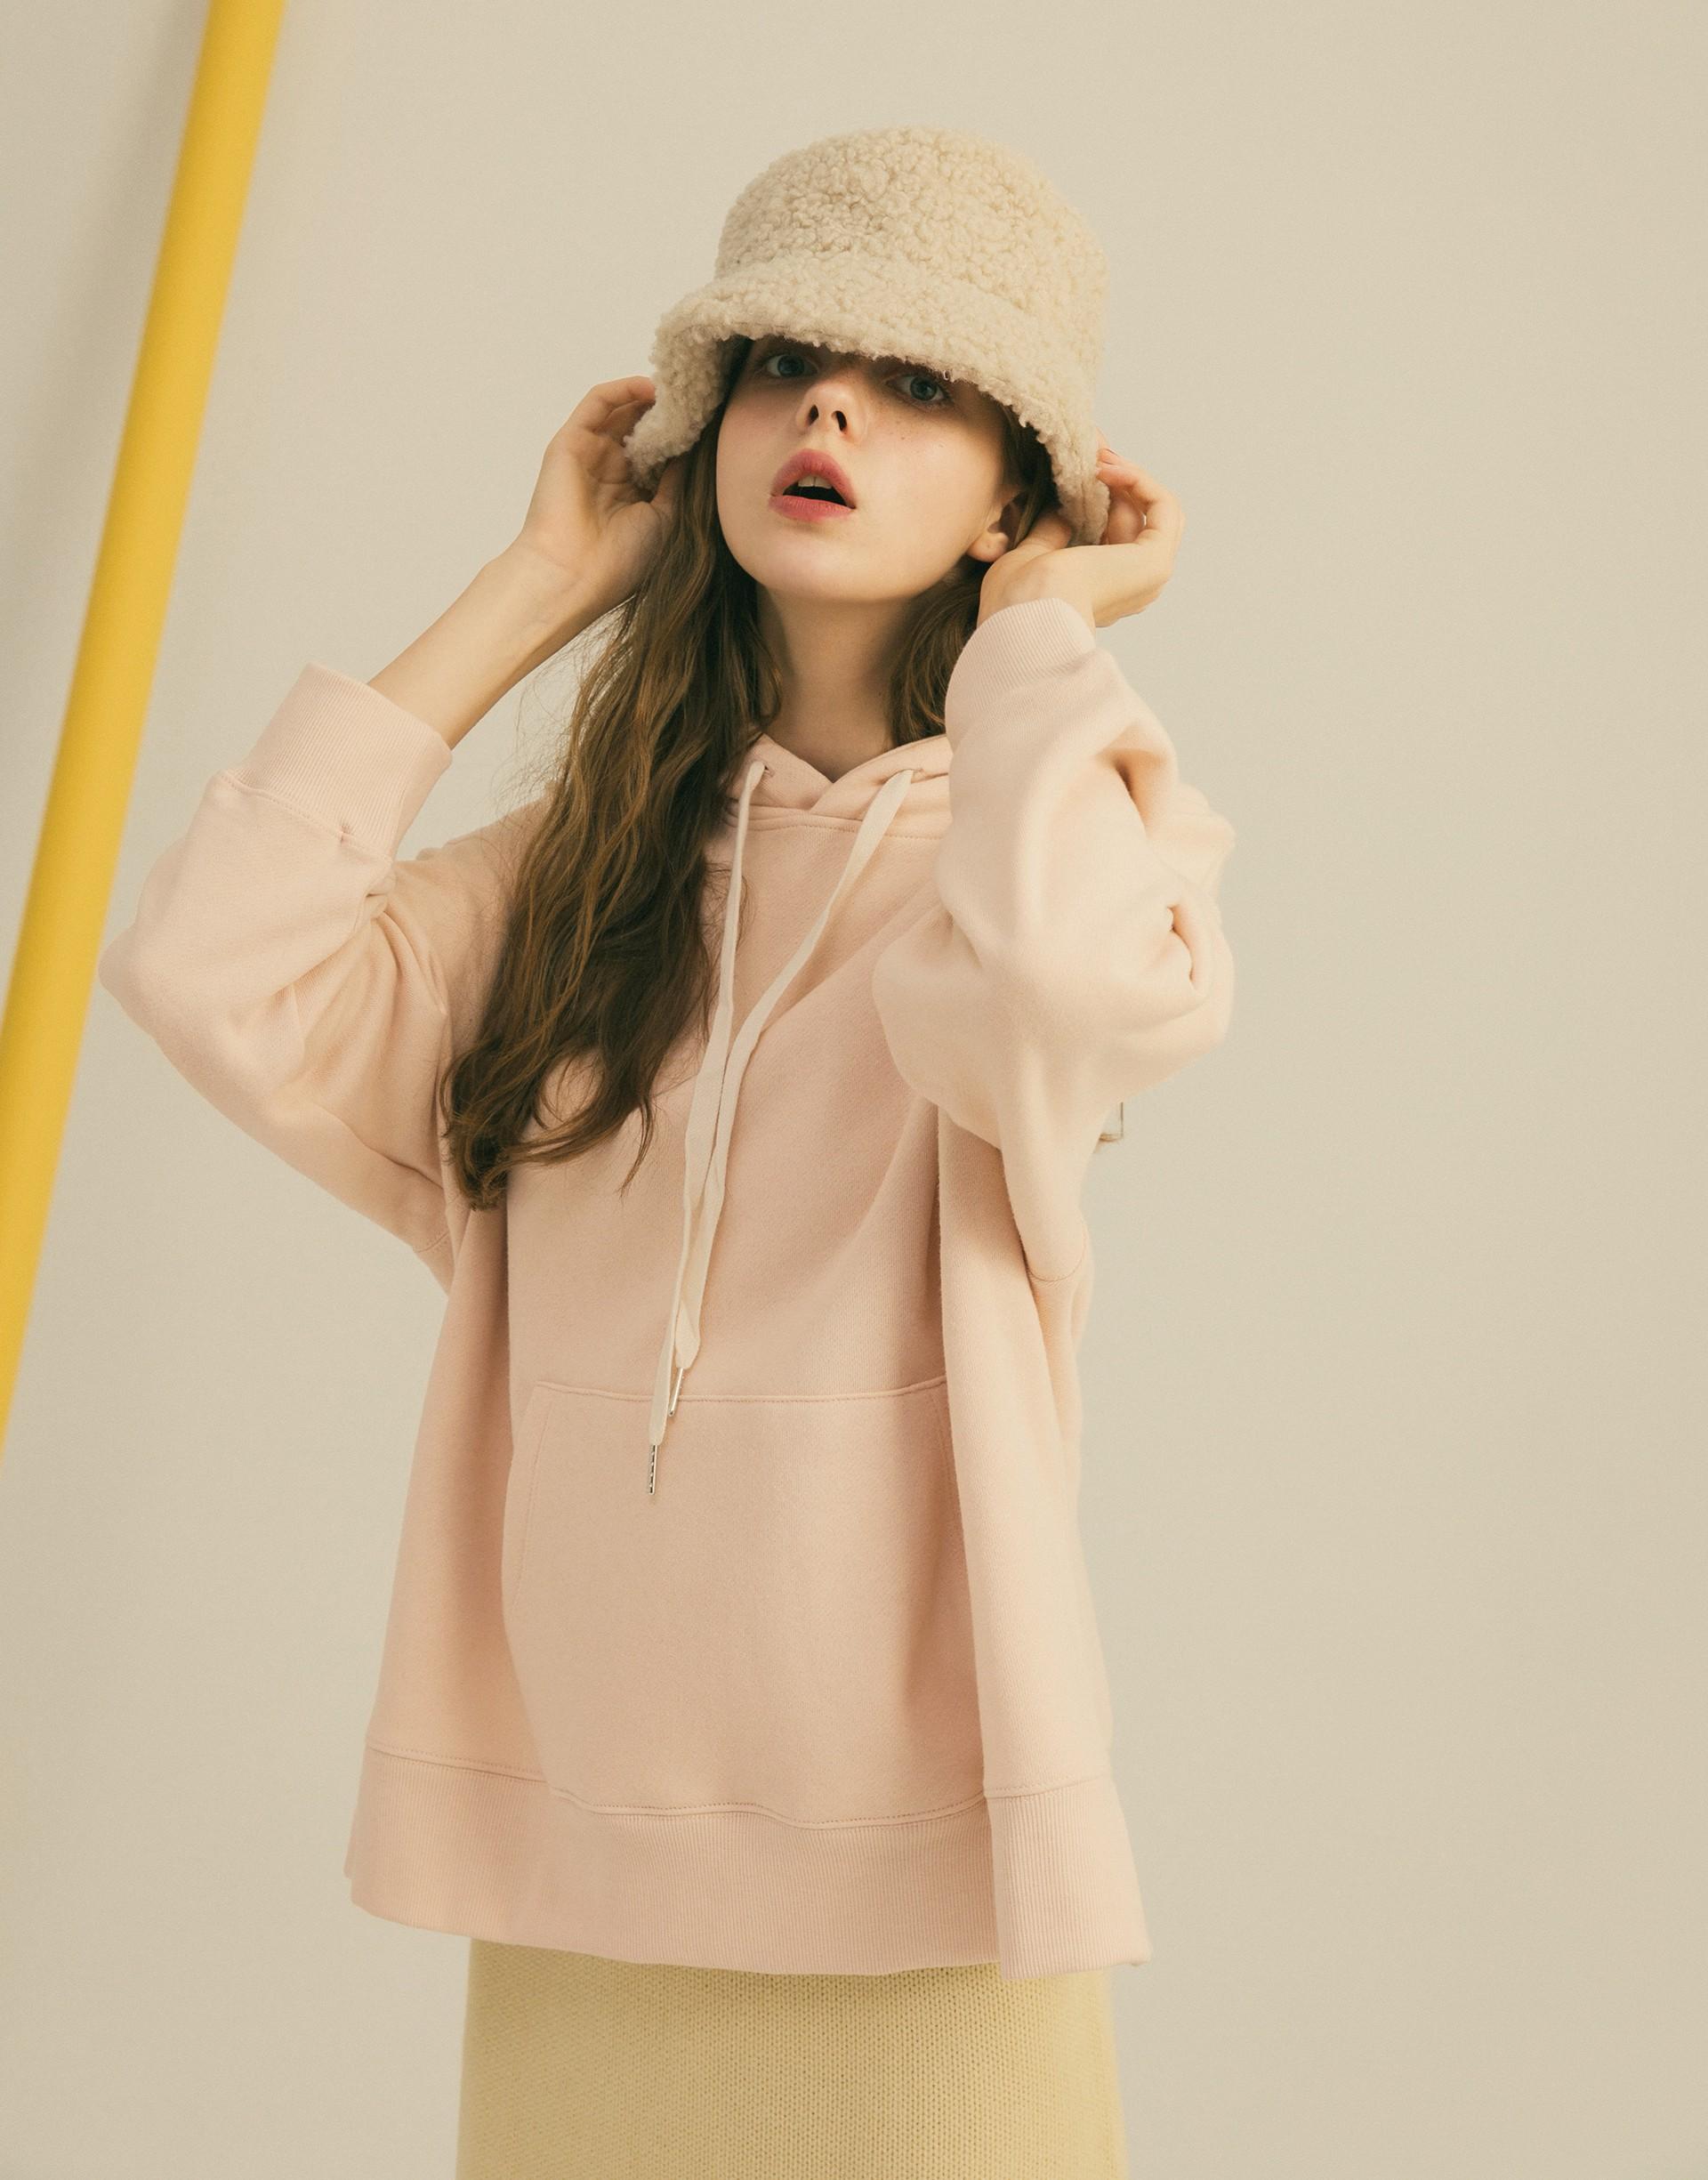 台灣製造/PAZZO自訂開發布料/親膚柔棉/內刷毛保暖款式/前胸口袋造型